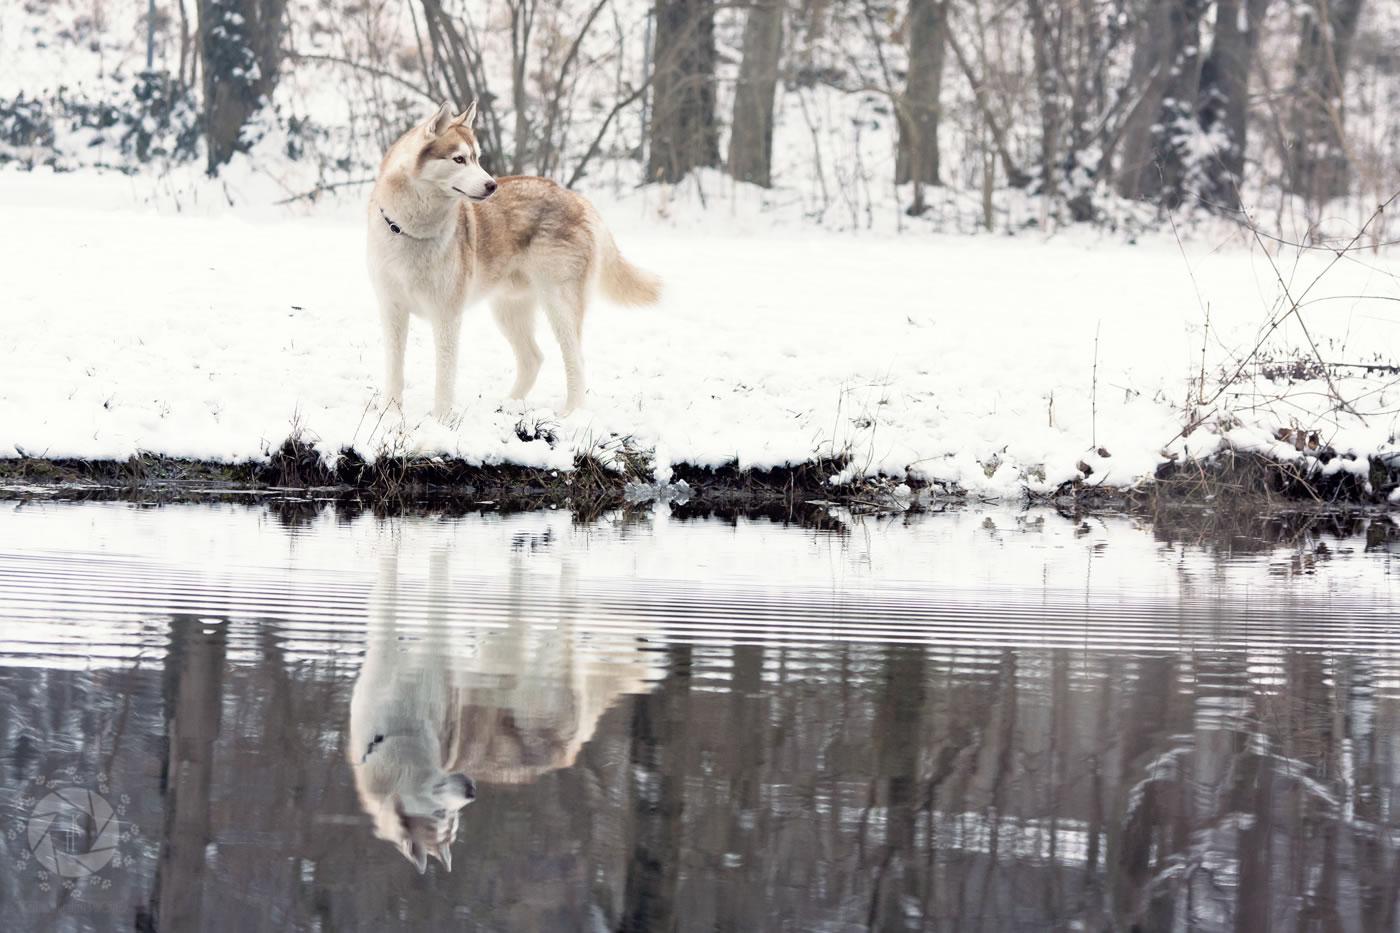 Tierfotografie_München_Hein_Hundefotografie_015_Yuki_Schnee